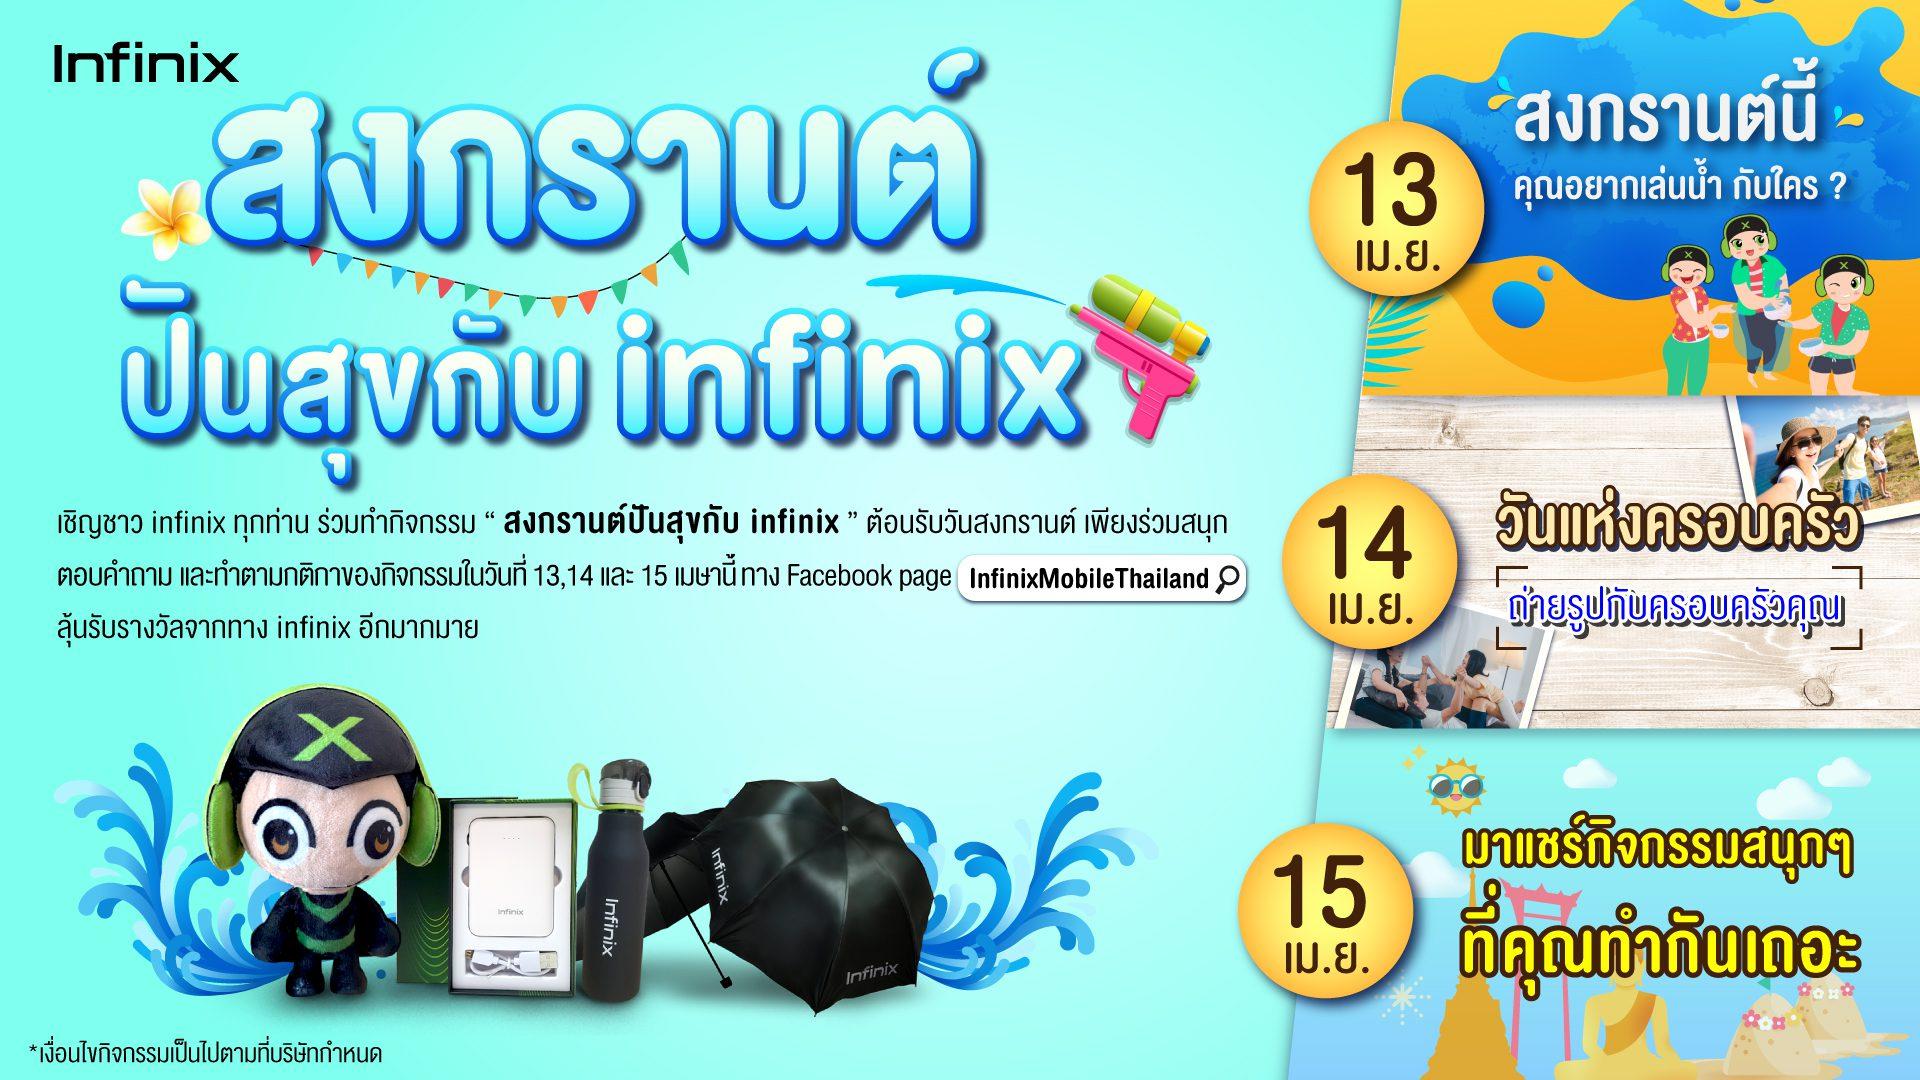 Infinix ร่วมฉลองเทศกาลสงกรานต์จัดกิจกรรม 'สงกรานต์ปันสุขกับ Infinix'  ส่งเสริมสถาบันครอบครัวแจกของรางวัลต้อนรับปีใหม่ไทย 13 – 15  เมษายนนี้